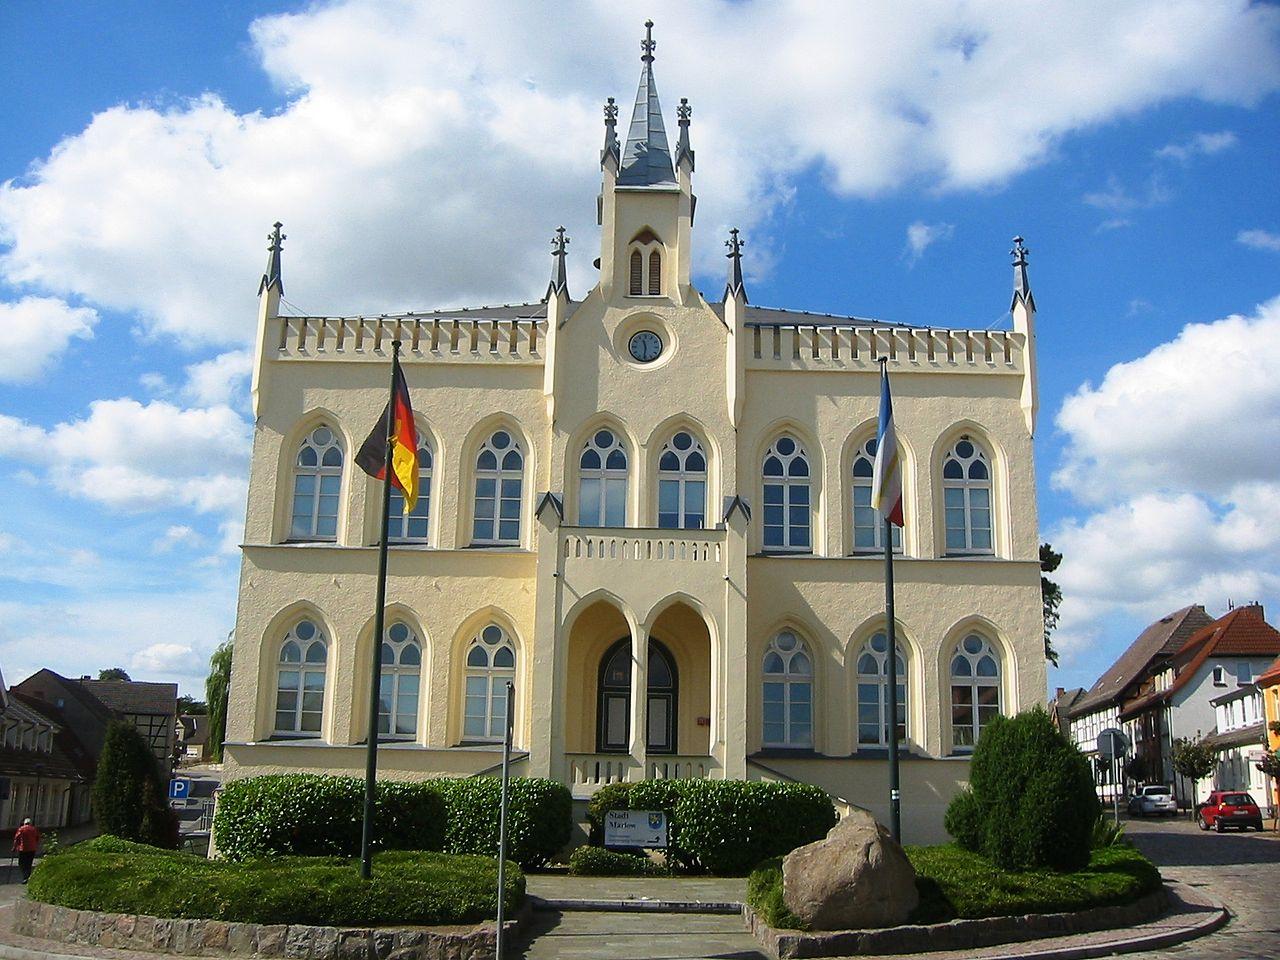 Bild Rathaus Marlow